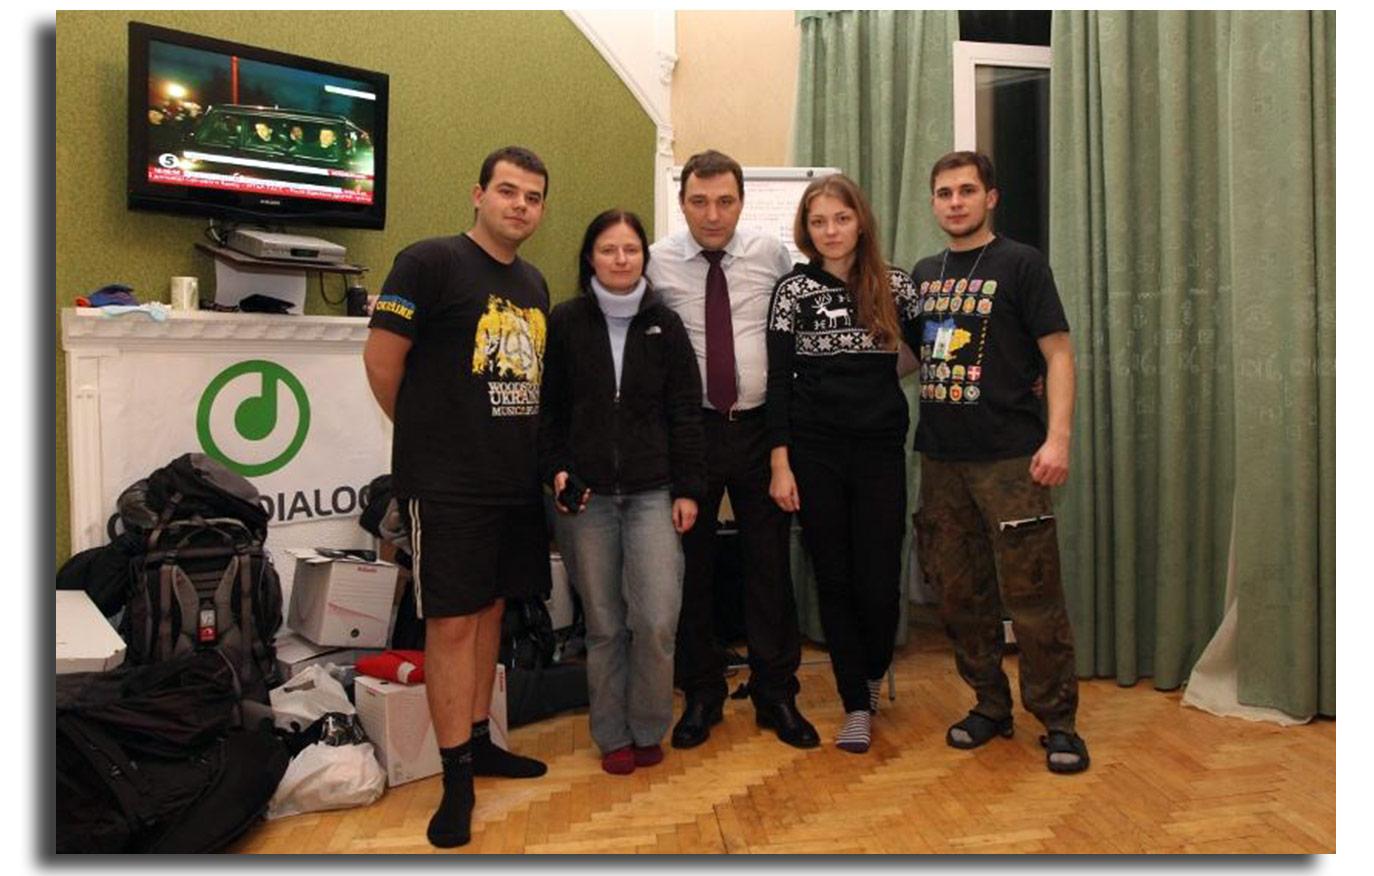 Zdjęcie zostało wykonane w kijowskim biurze Otwartego Dialogu